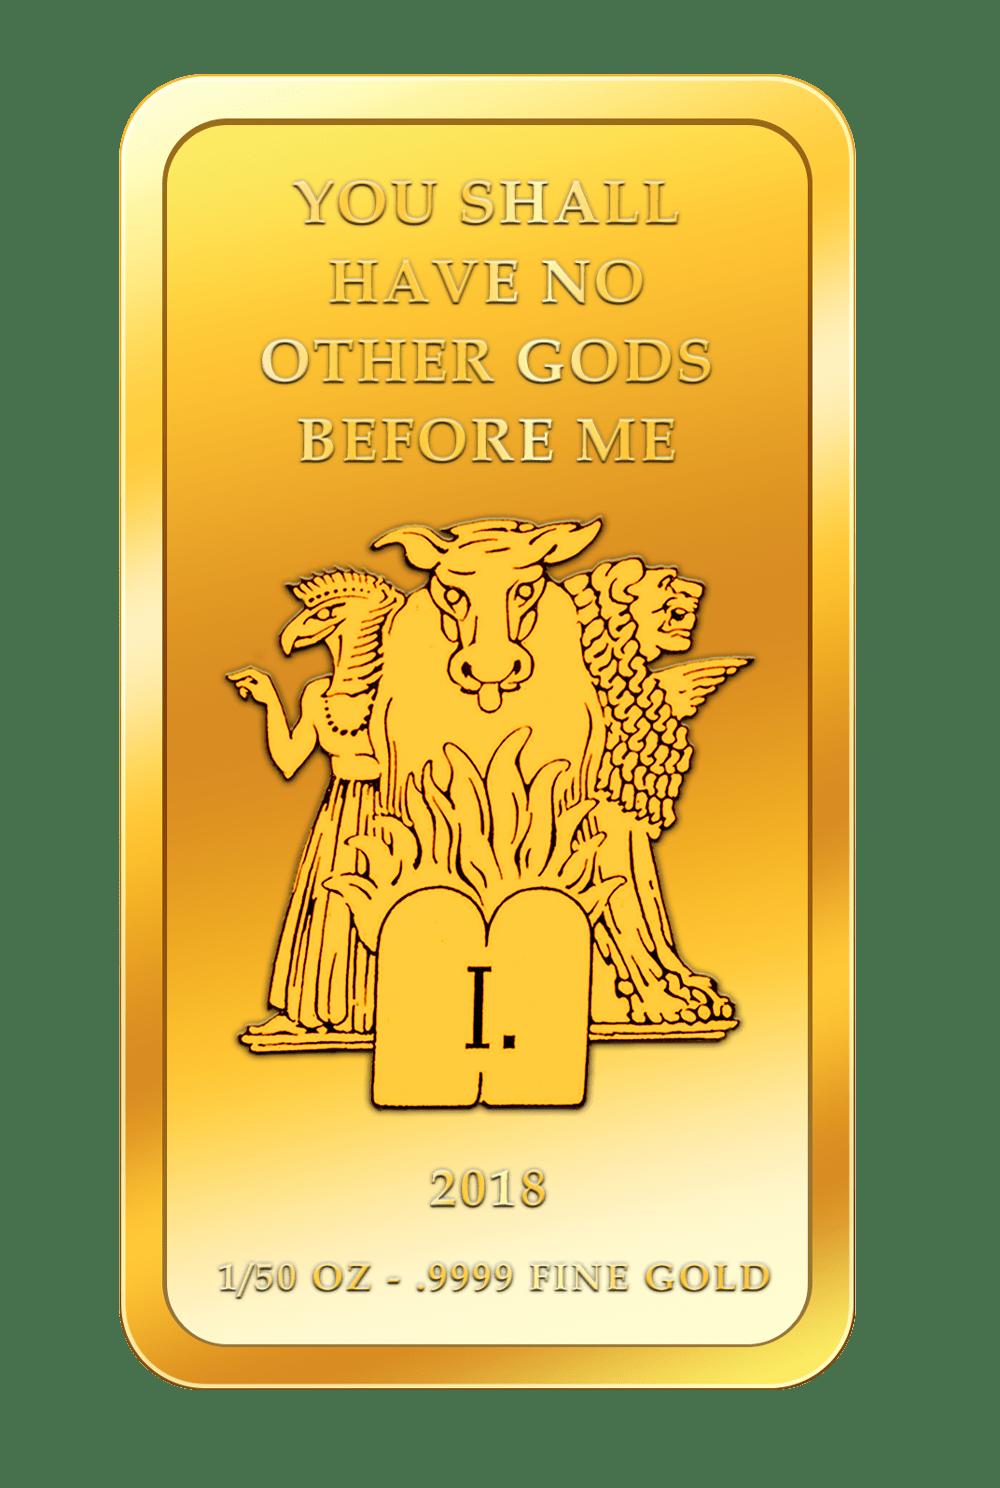 Die 10 Gebote - 1. Gebot - Goldbarren 2018